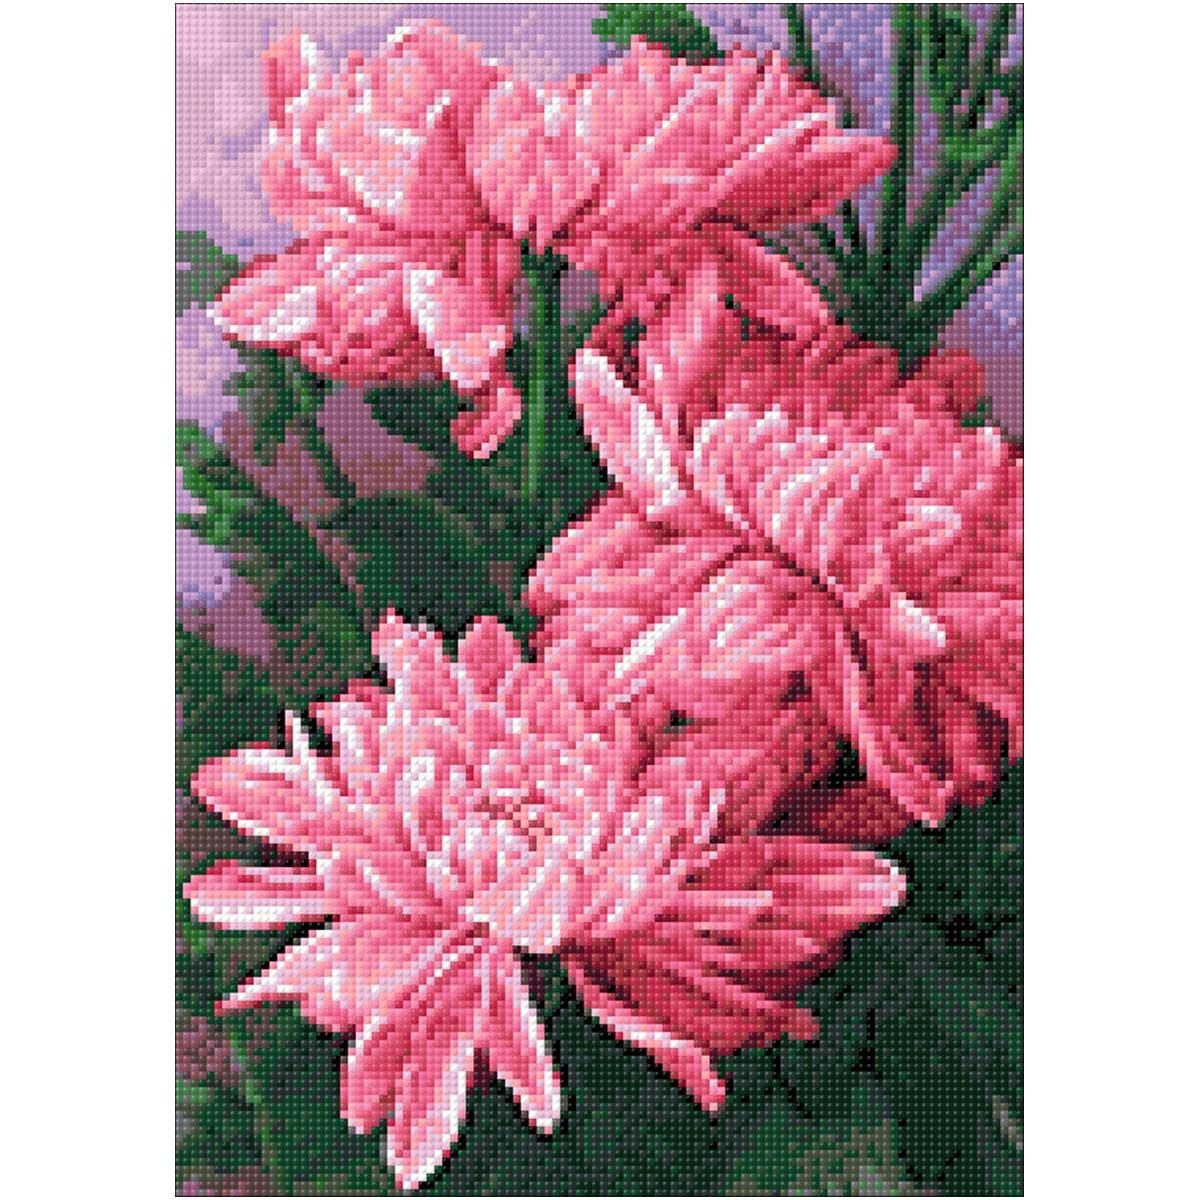 Ag 278 Набор д/изготовления картин со стразами 'Хризантемы'27*38см Гранни